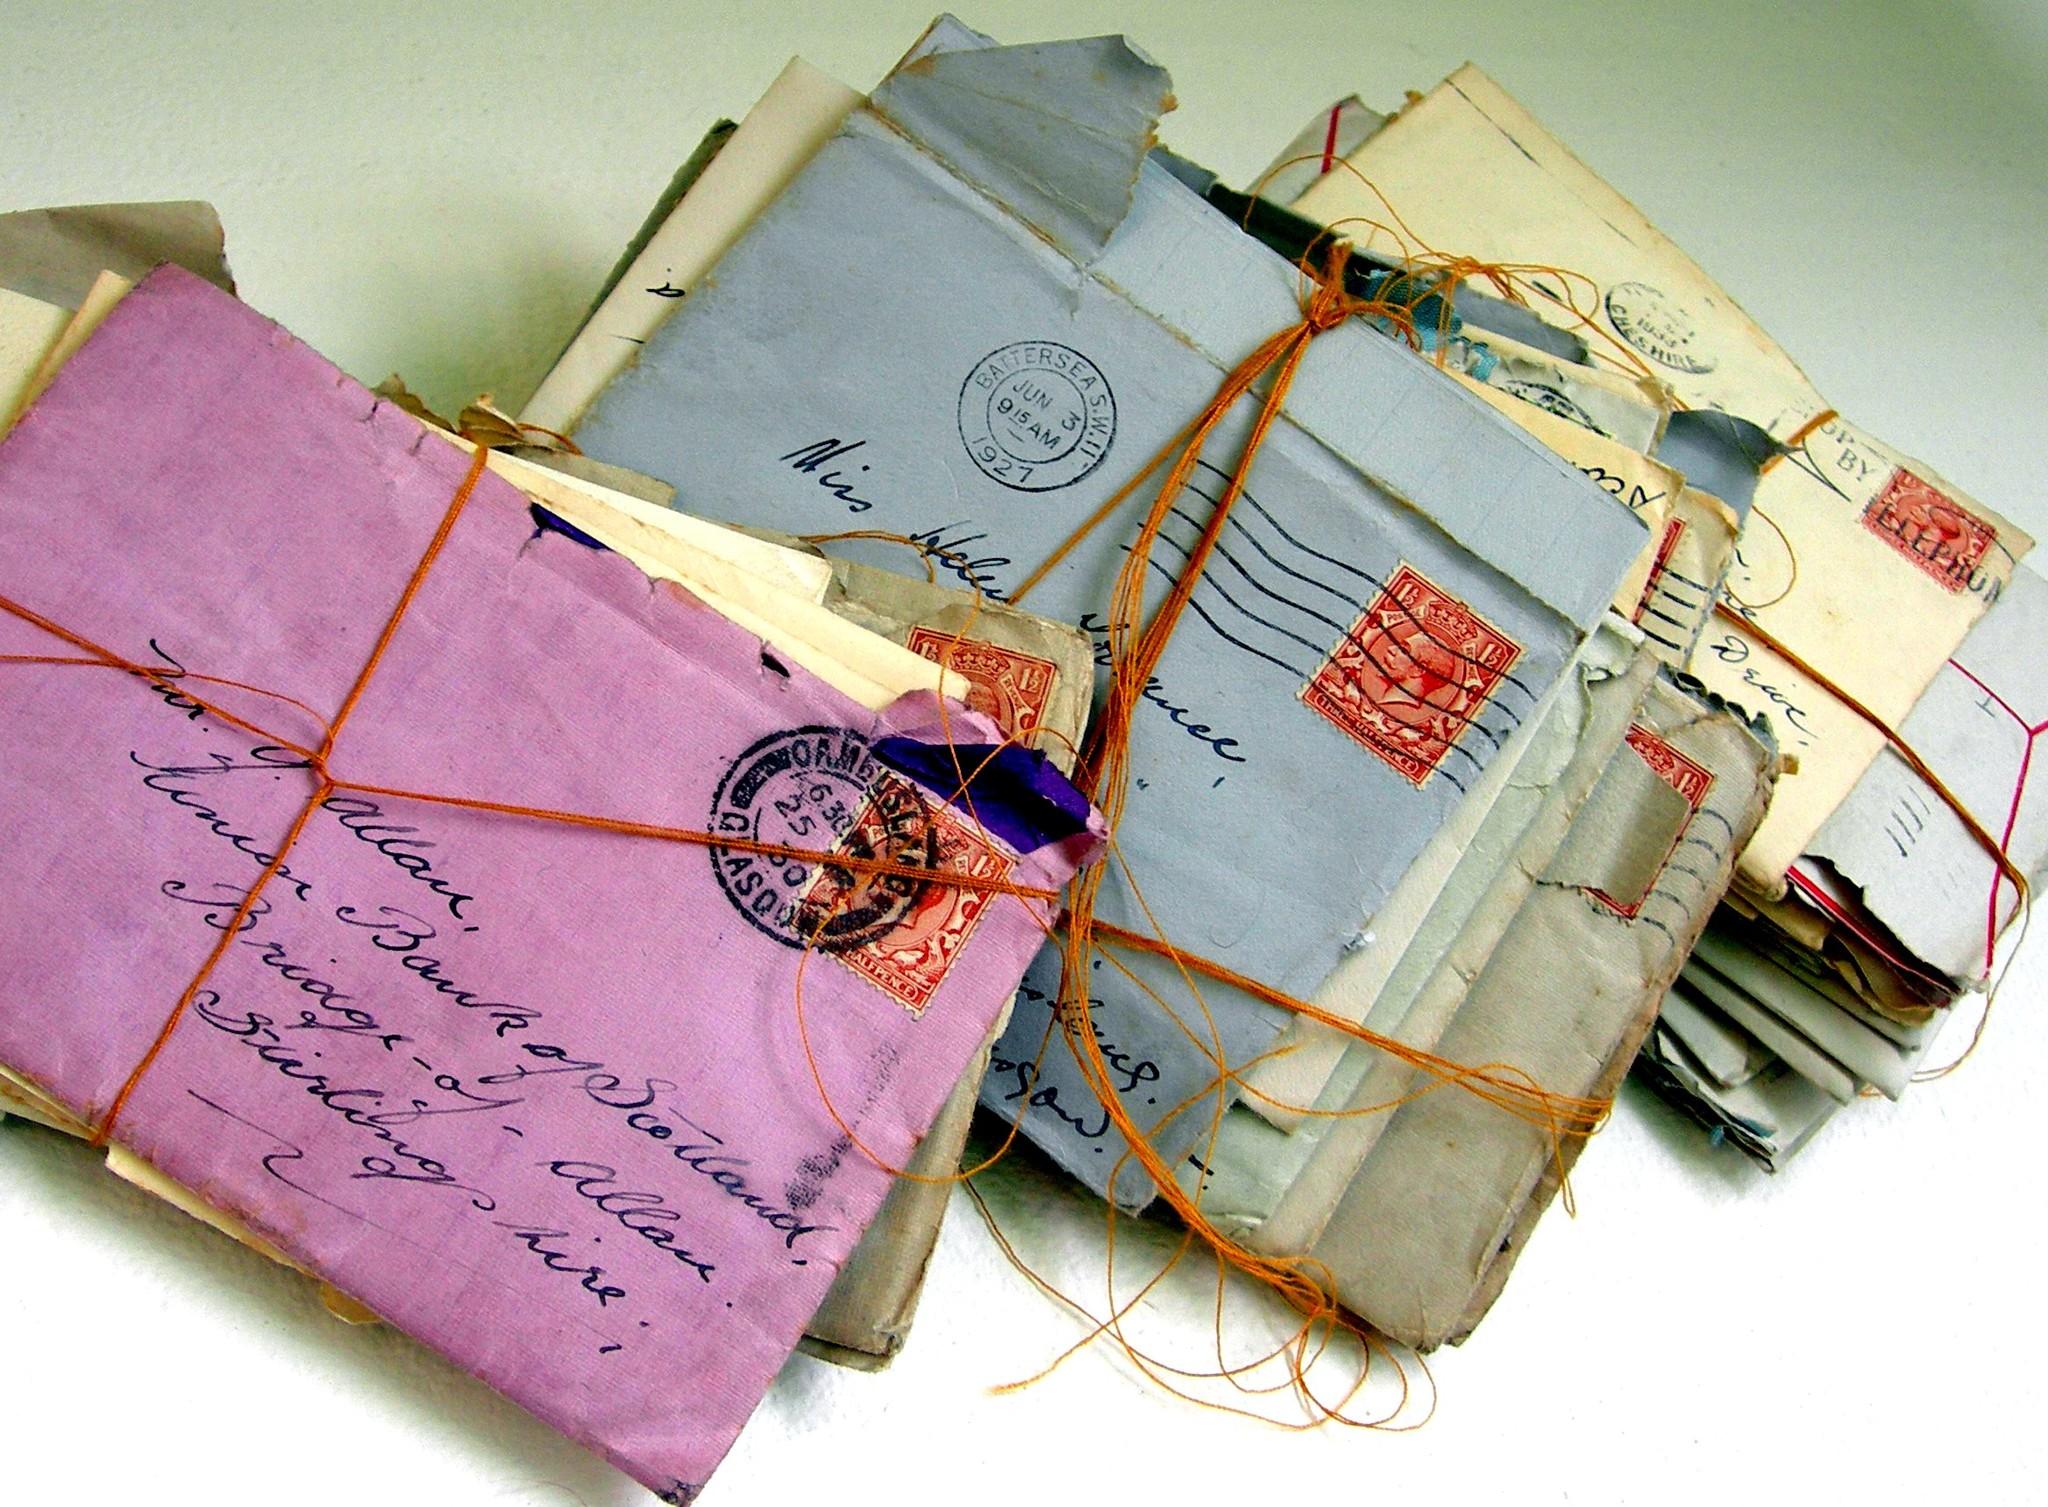 Отправить бумажные открытки по почте, аллочка